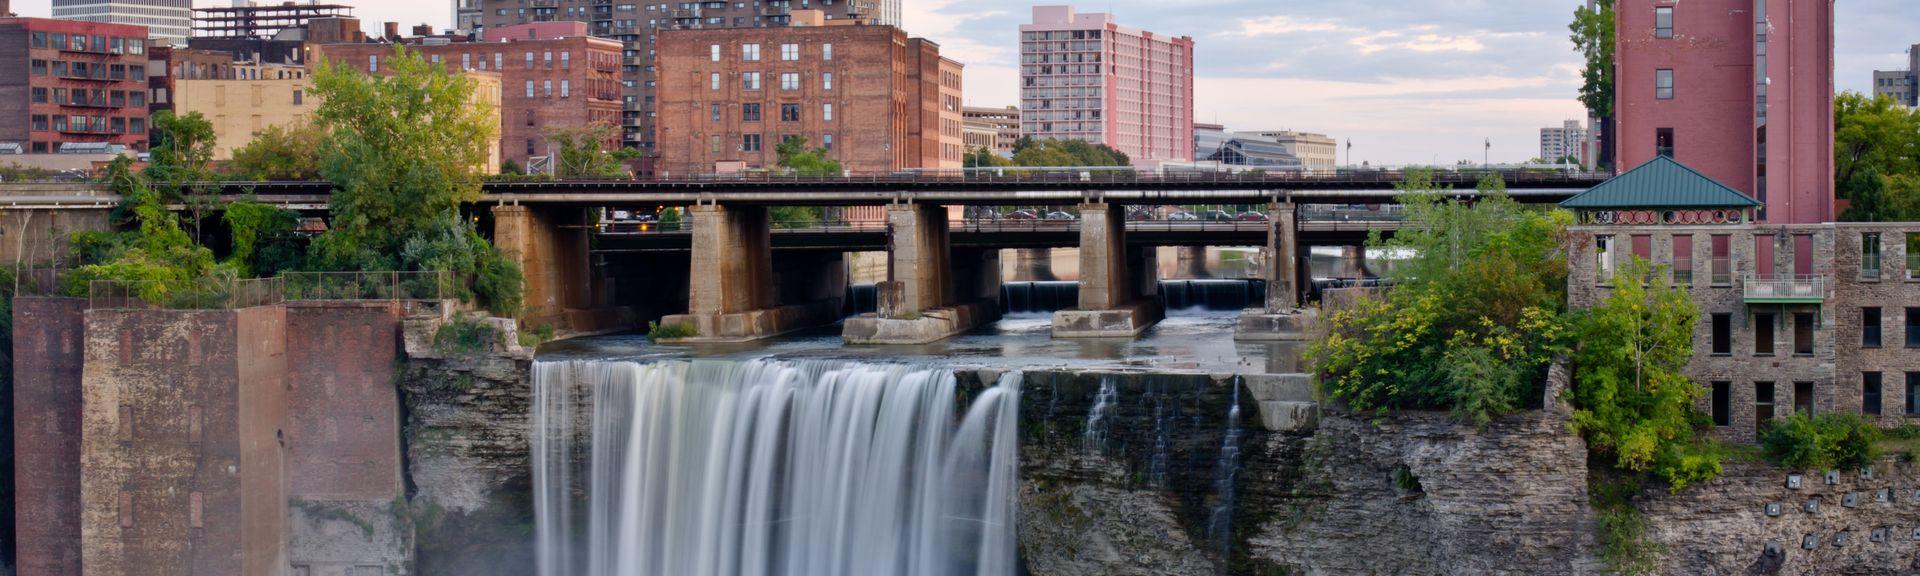 Rochester, NY, USA